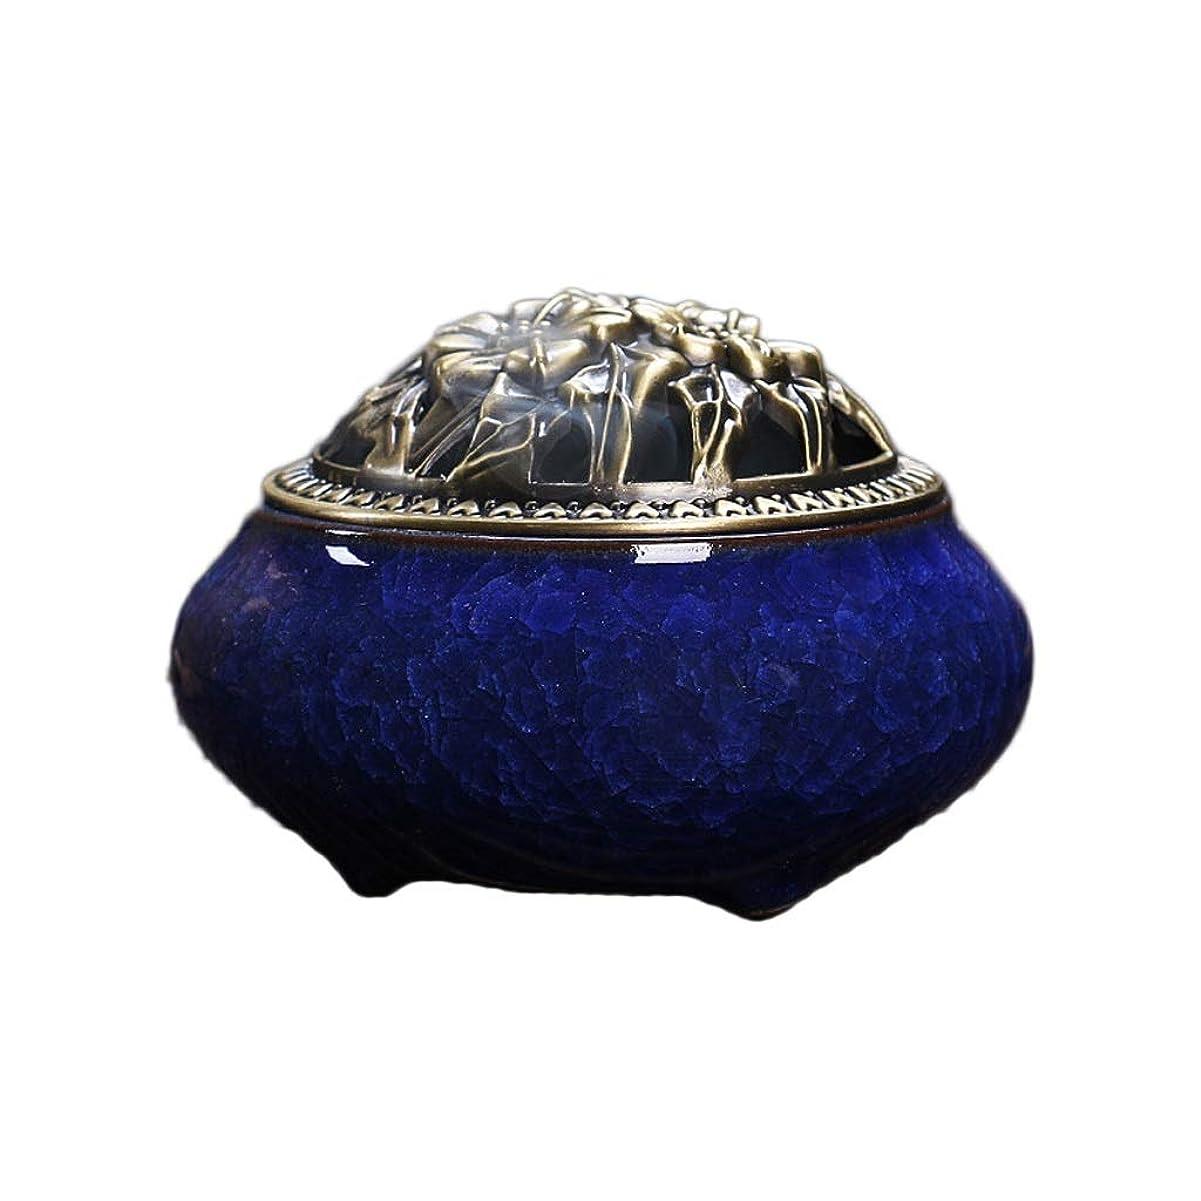 マーチャンダイザー十分な商人磁器セラミック香炉灰キャッチャー香スティック/コーン/コイルバーナーホルダーホームルーム仏教の装飾香ホルダー (Color : Blue)